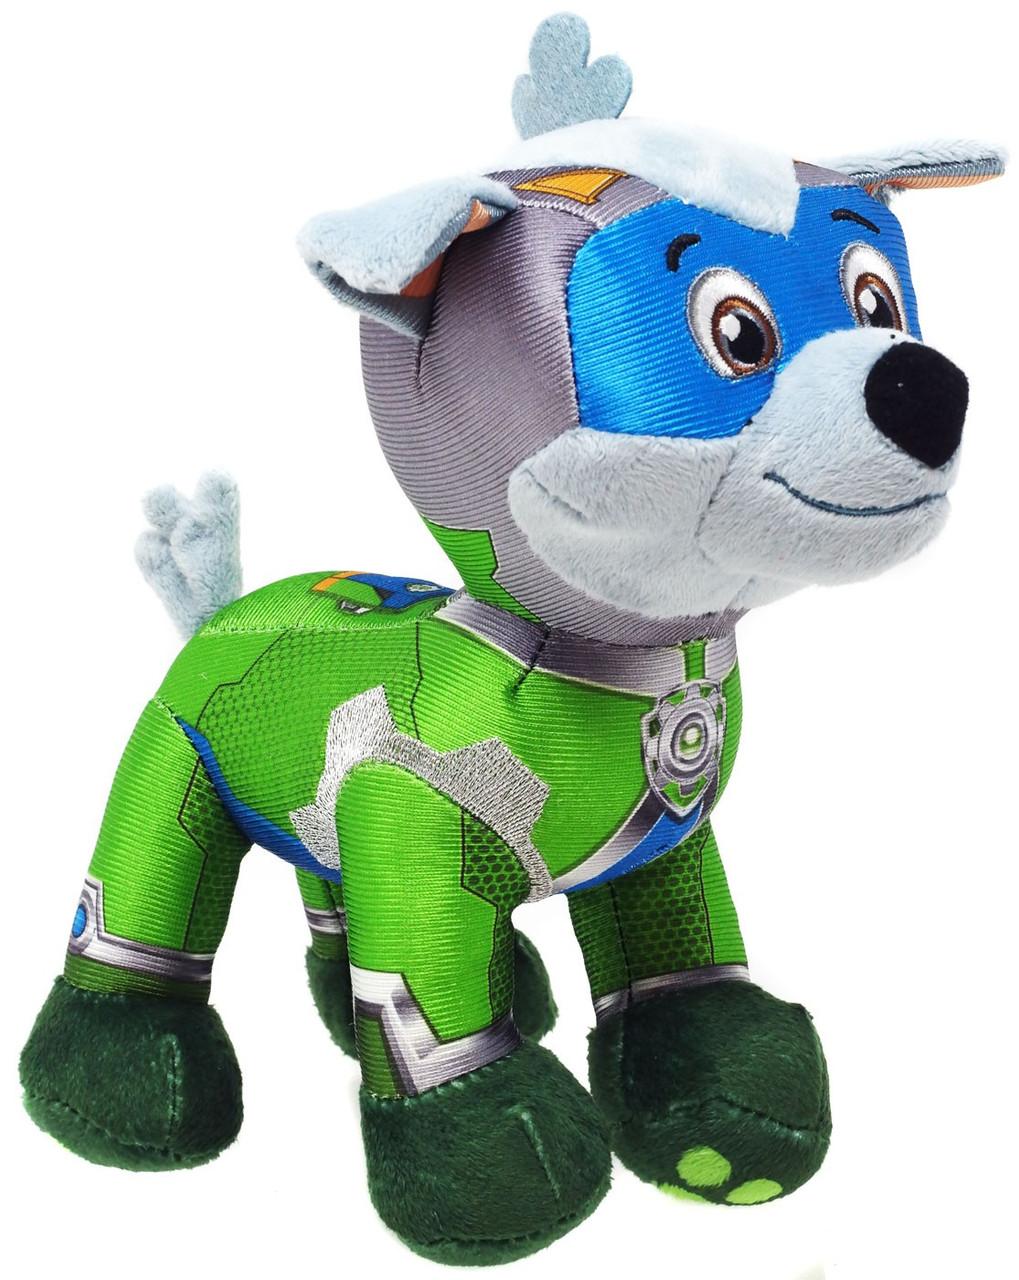 Paw Patrol Figures Toy Rocky 2 Inch